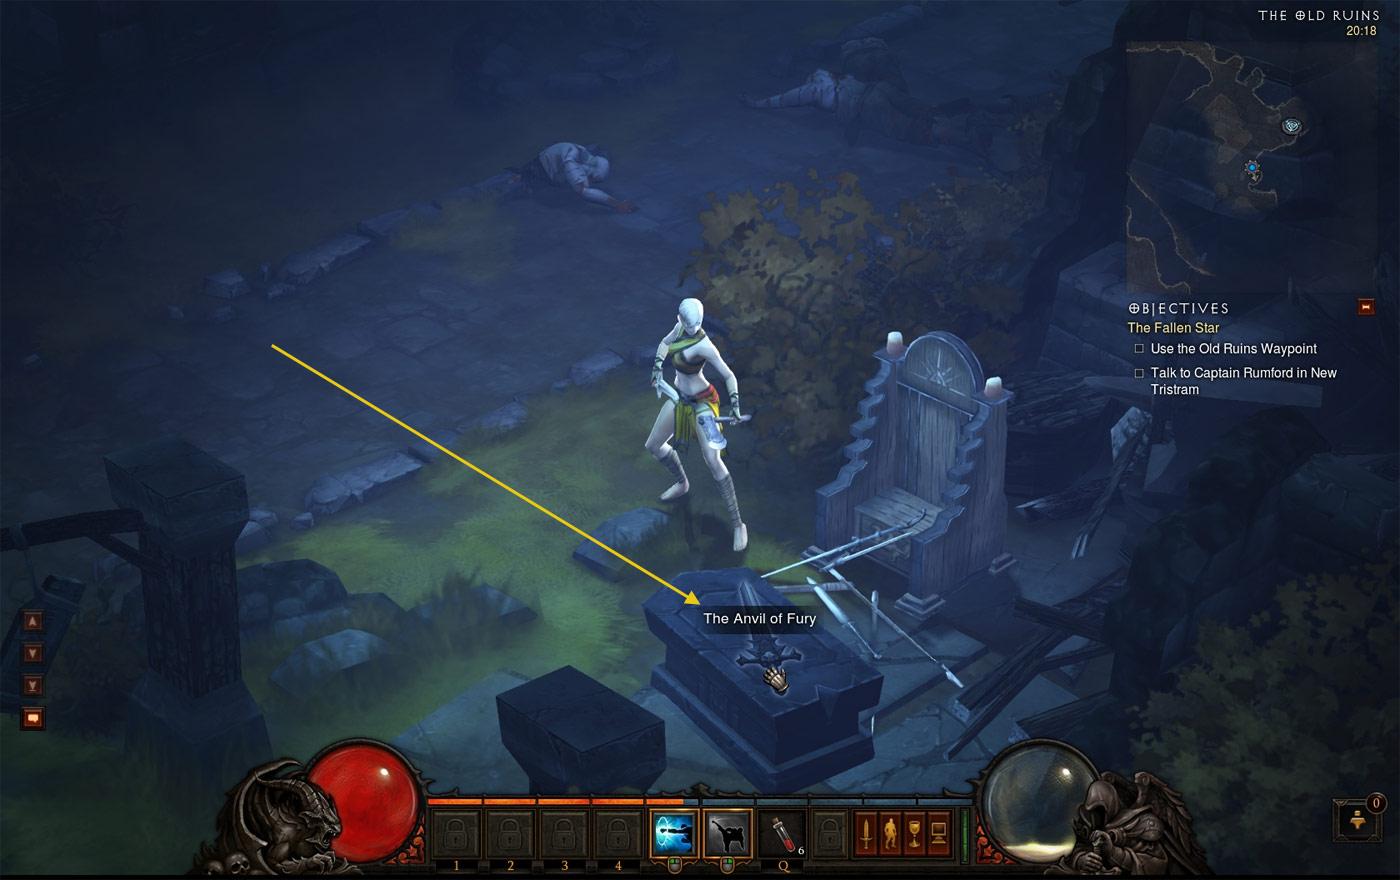 Référence à l'Anvil of Fury, une quête du 1er Diablo. Image de Rabochibarzac.